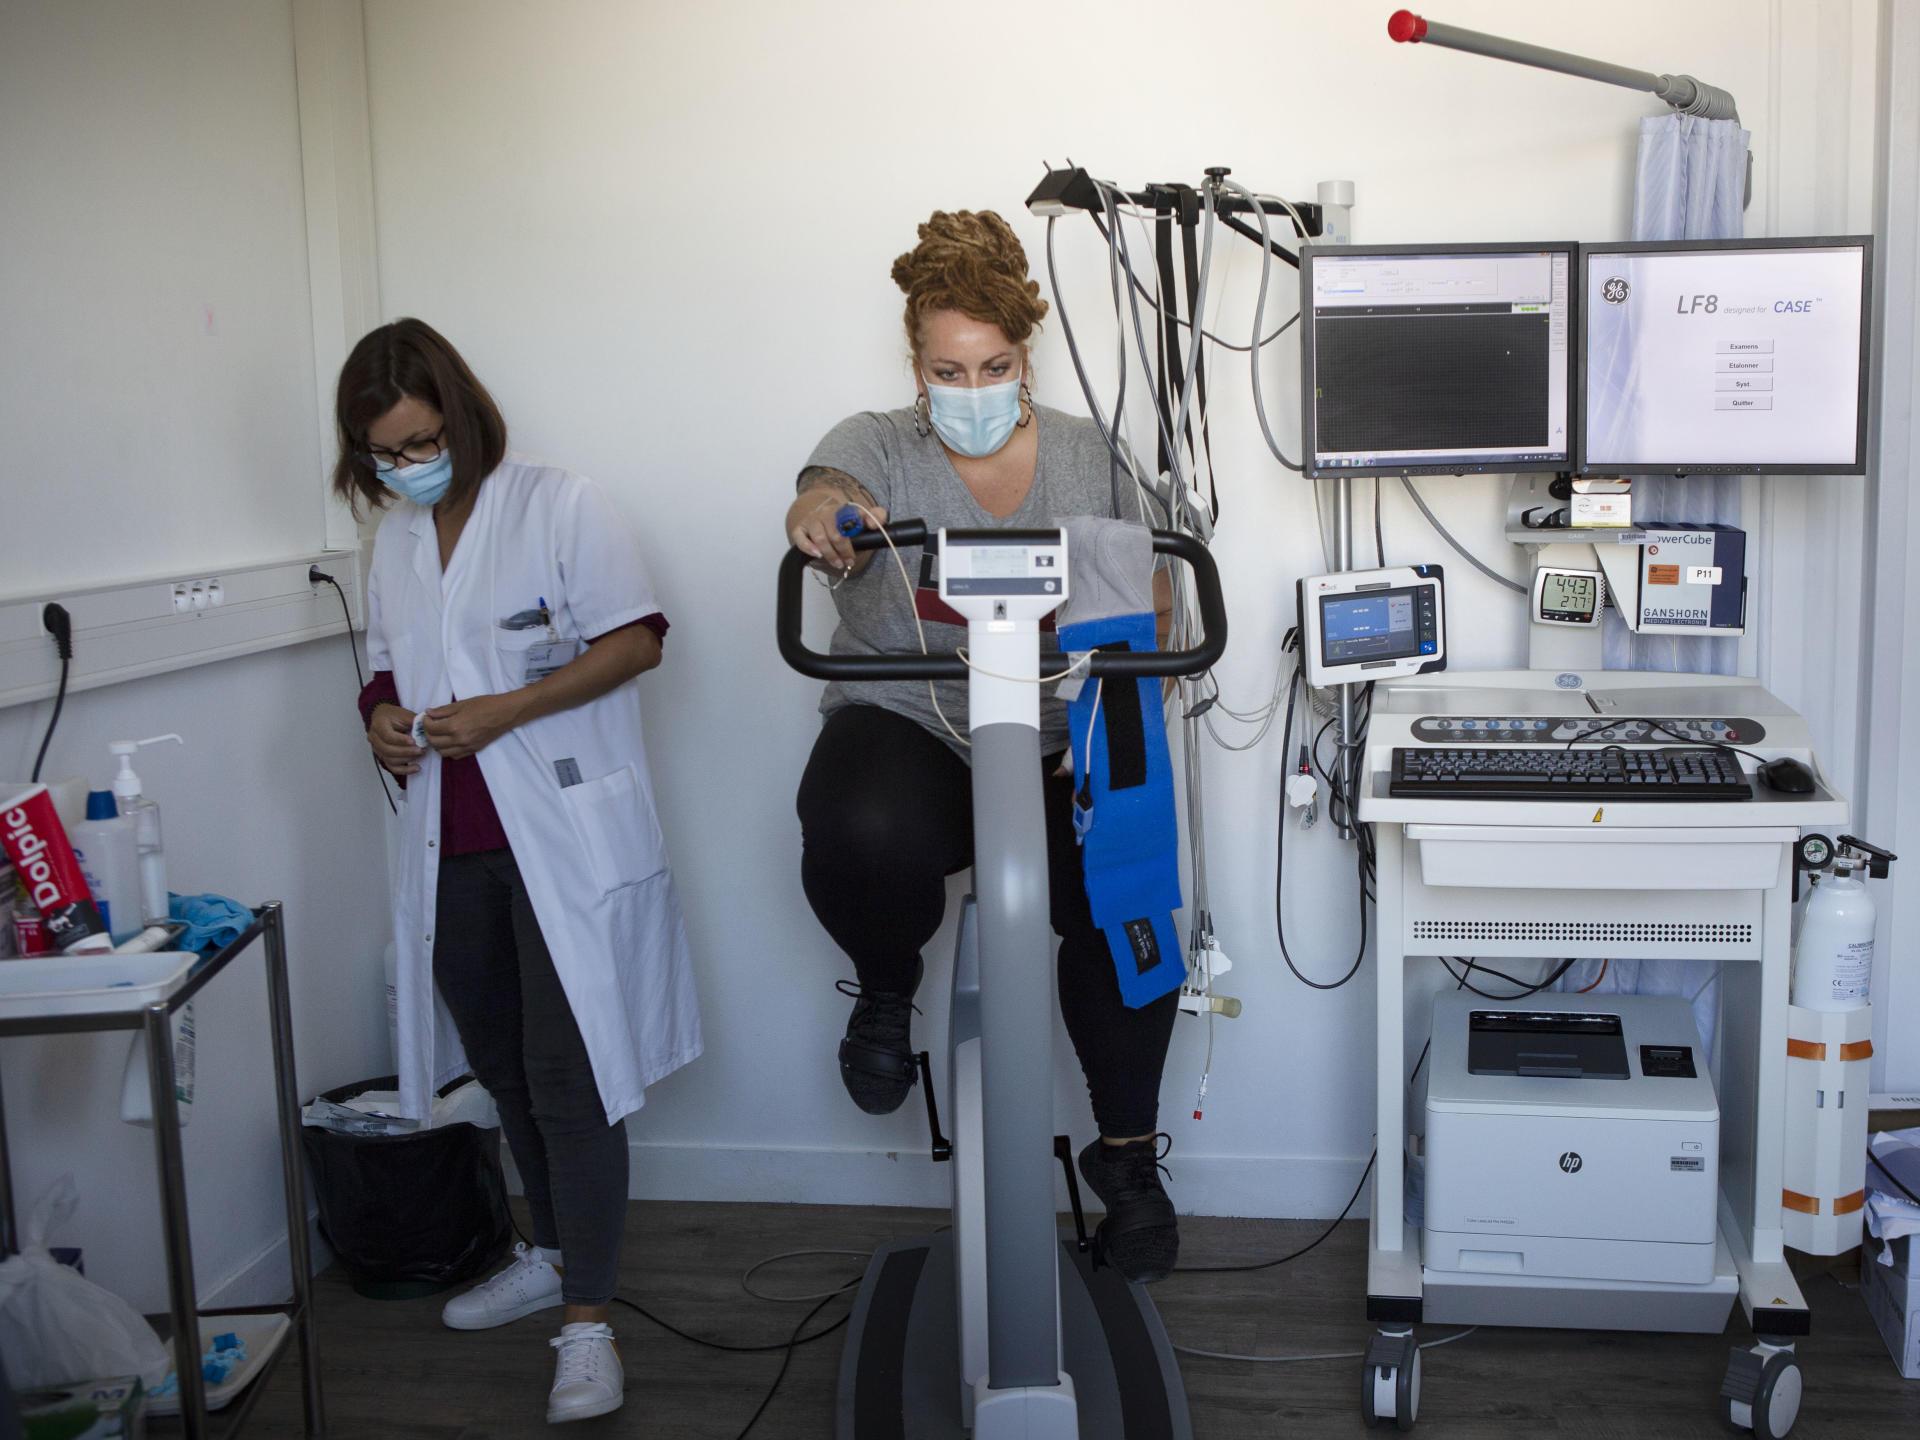 Lors de la consultation avec l'interne, les patients doivent se soumettre à un test de respiration, puis à un test d'effort.